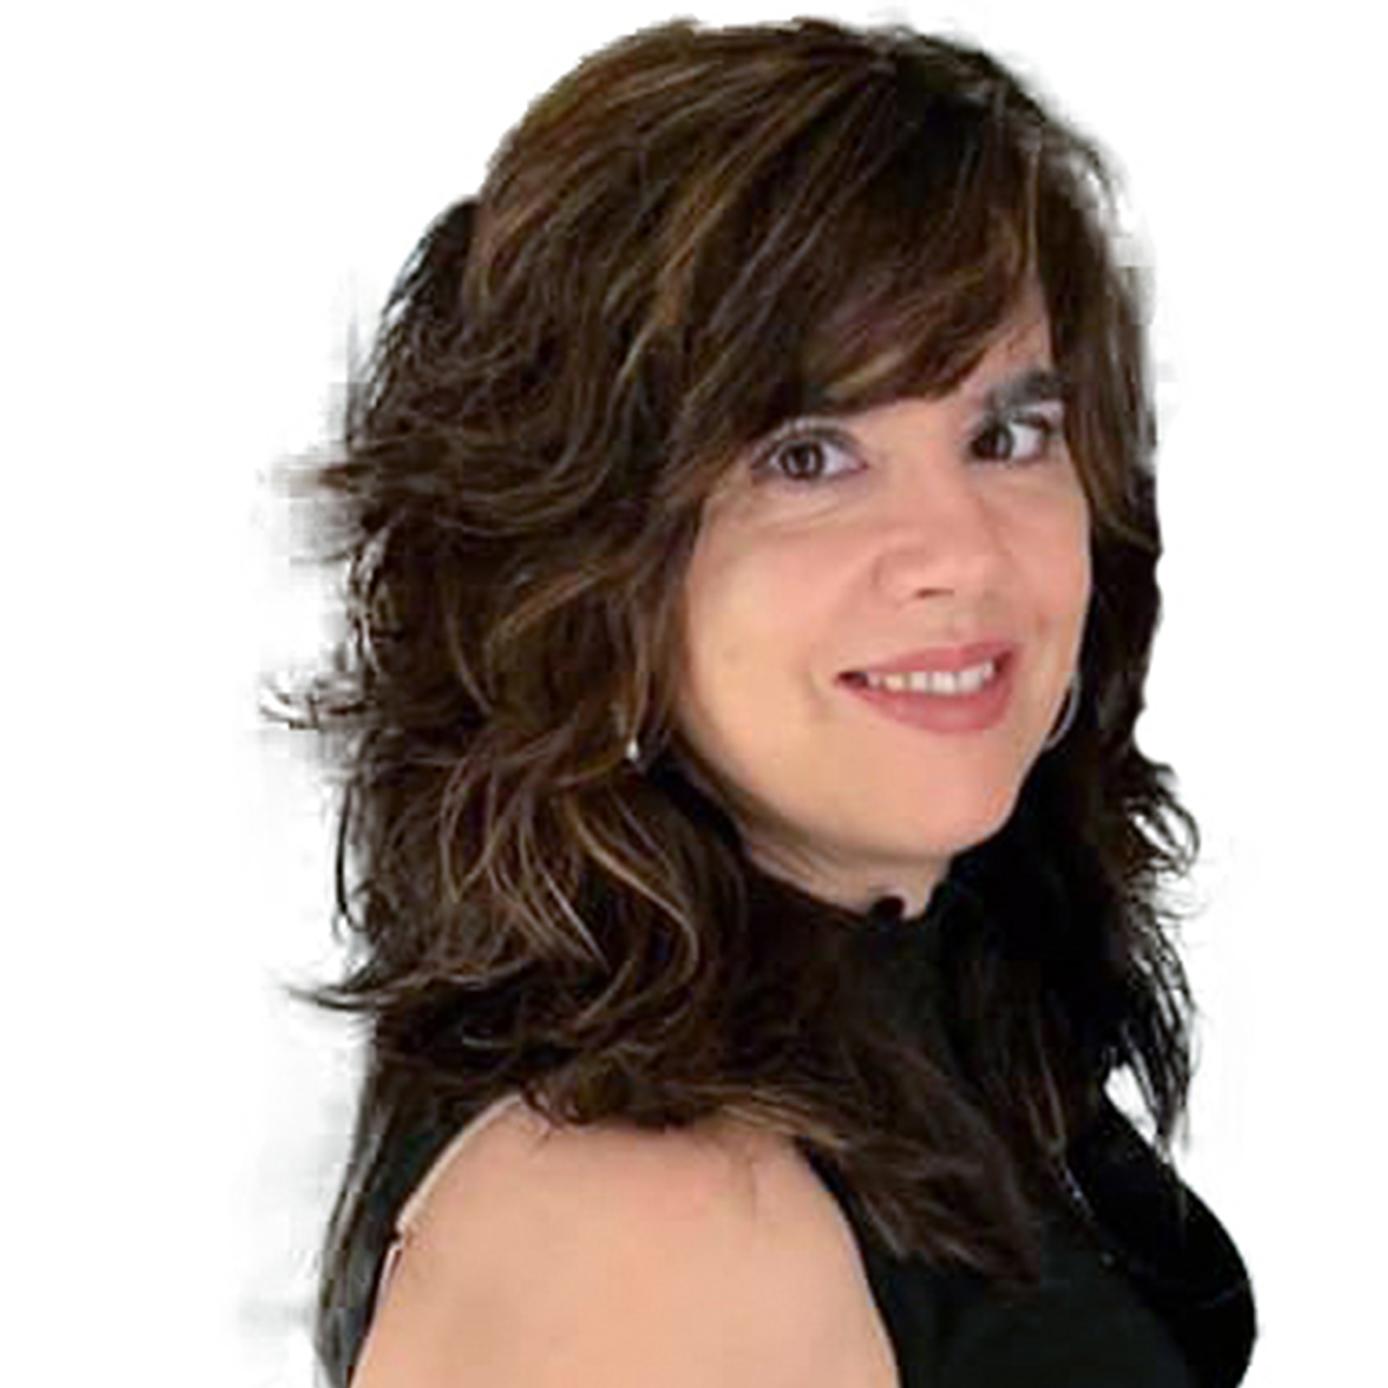 Teresa Rocha